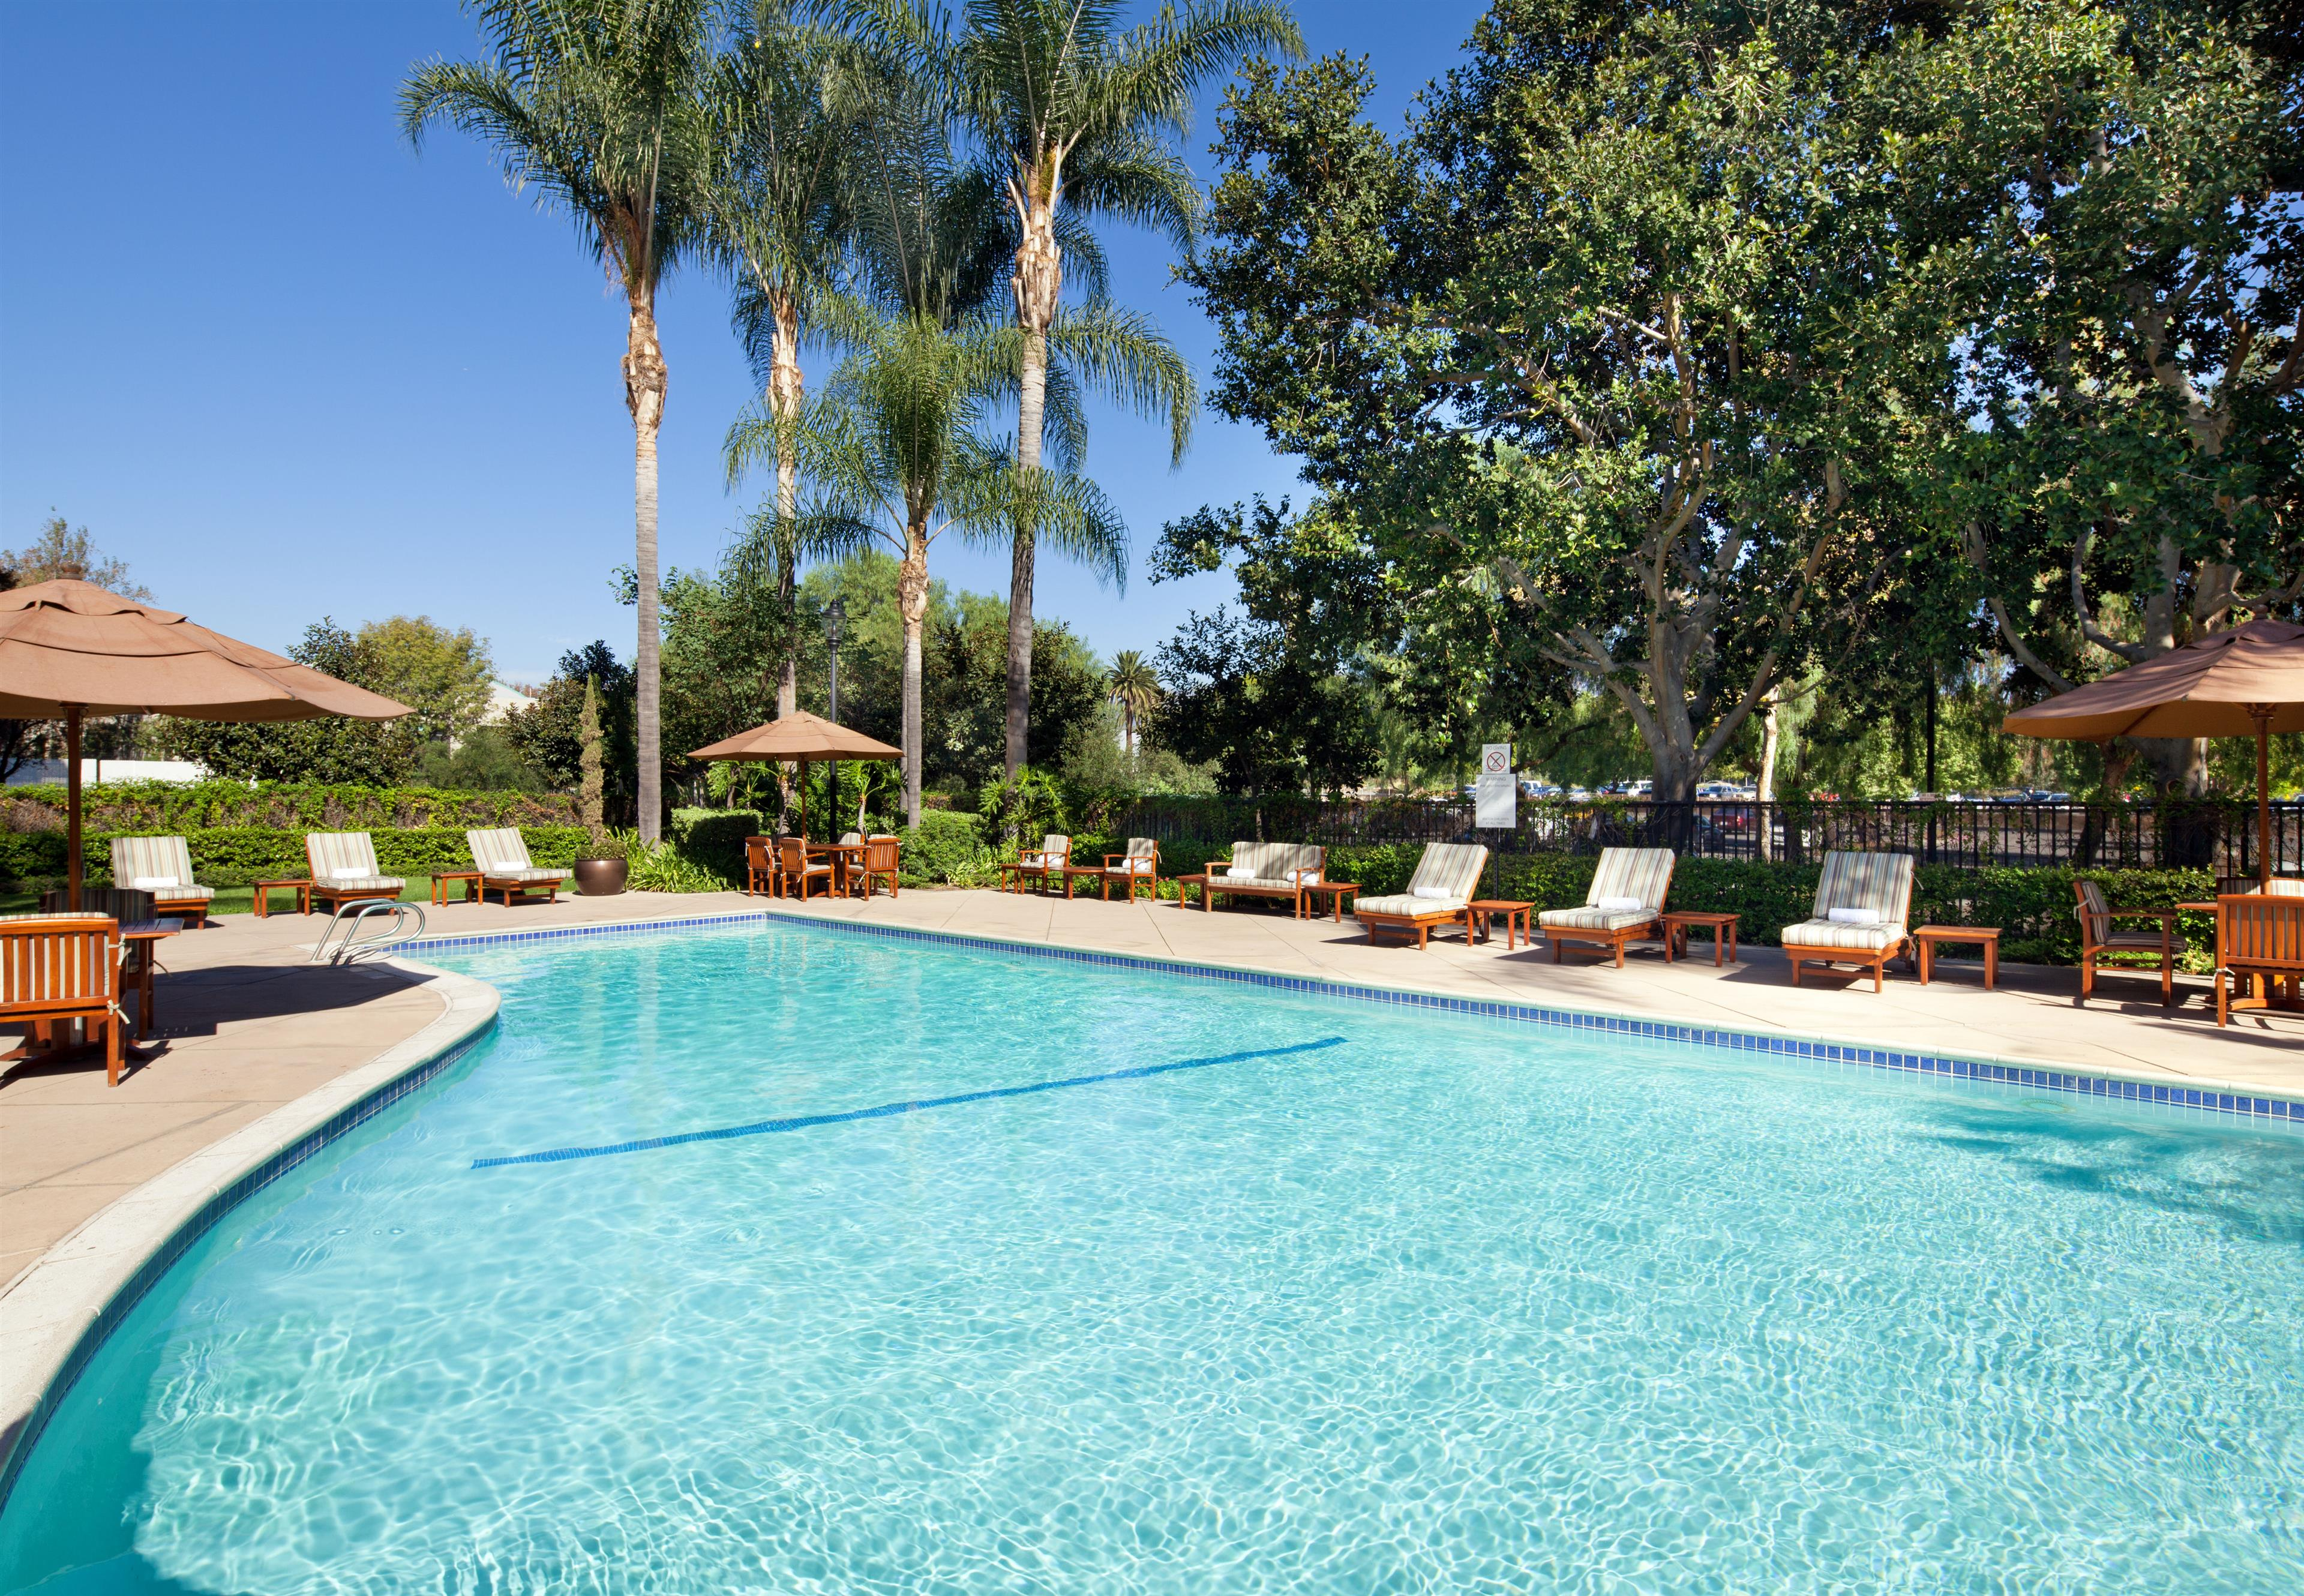 sheraton fairplex hotel conference center in pomona ca. Black Bedroom Furniture Sets. Home Design Ideas